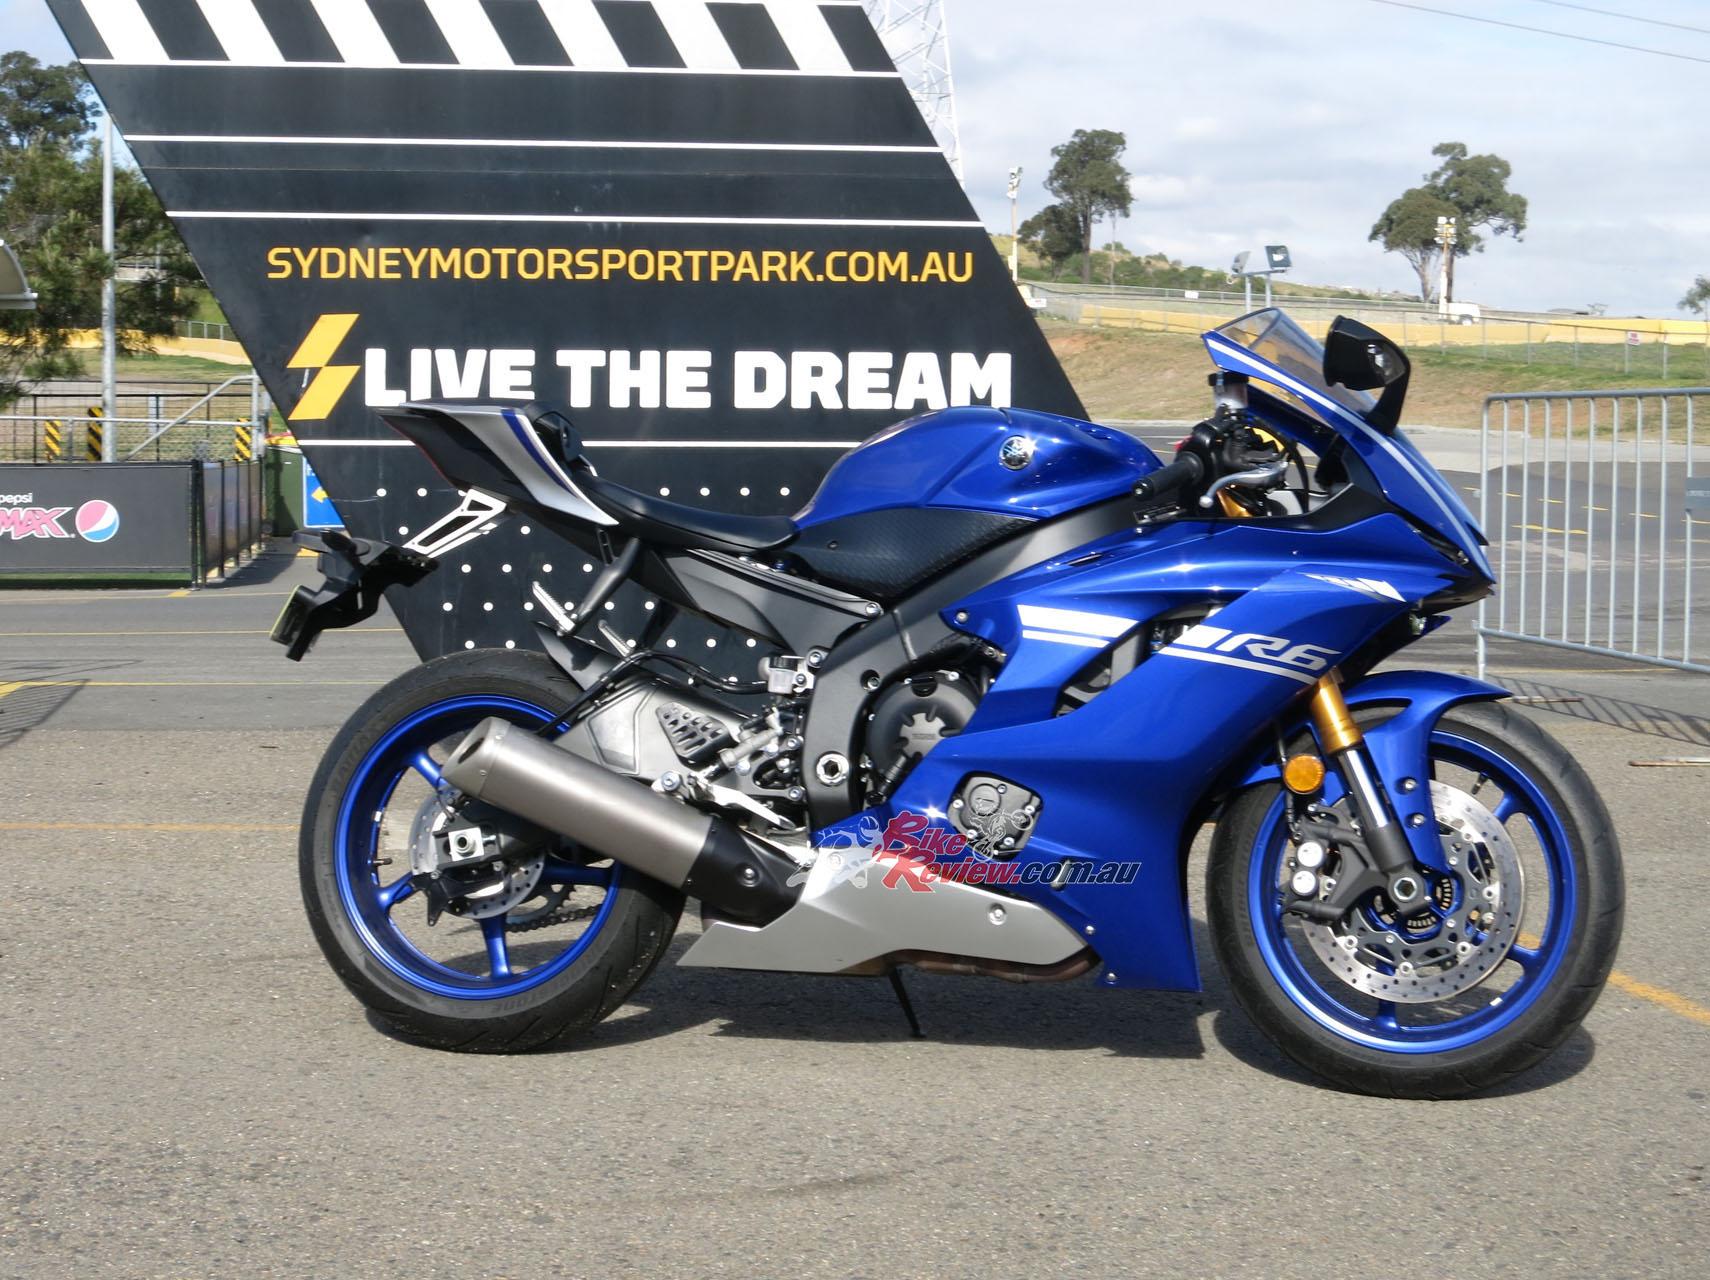 The new Yamaha YZF-R6